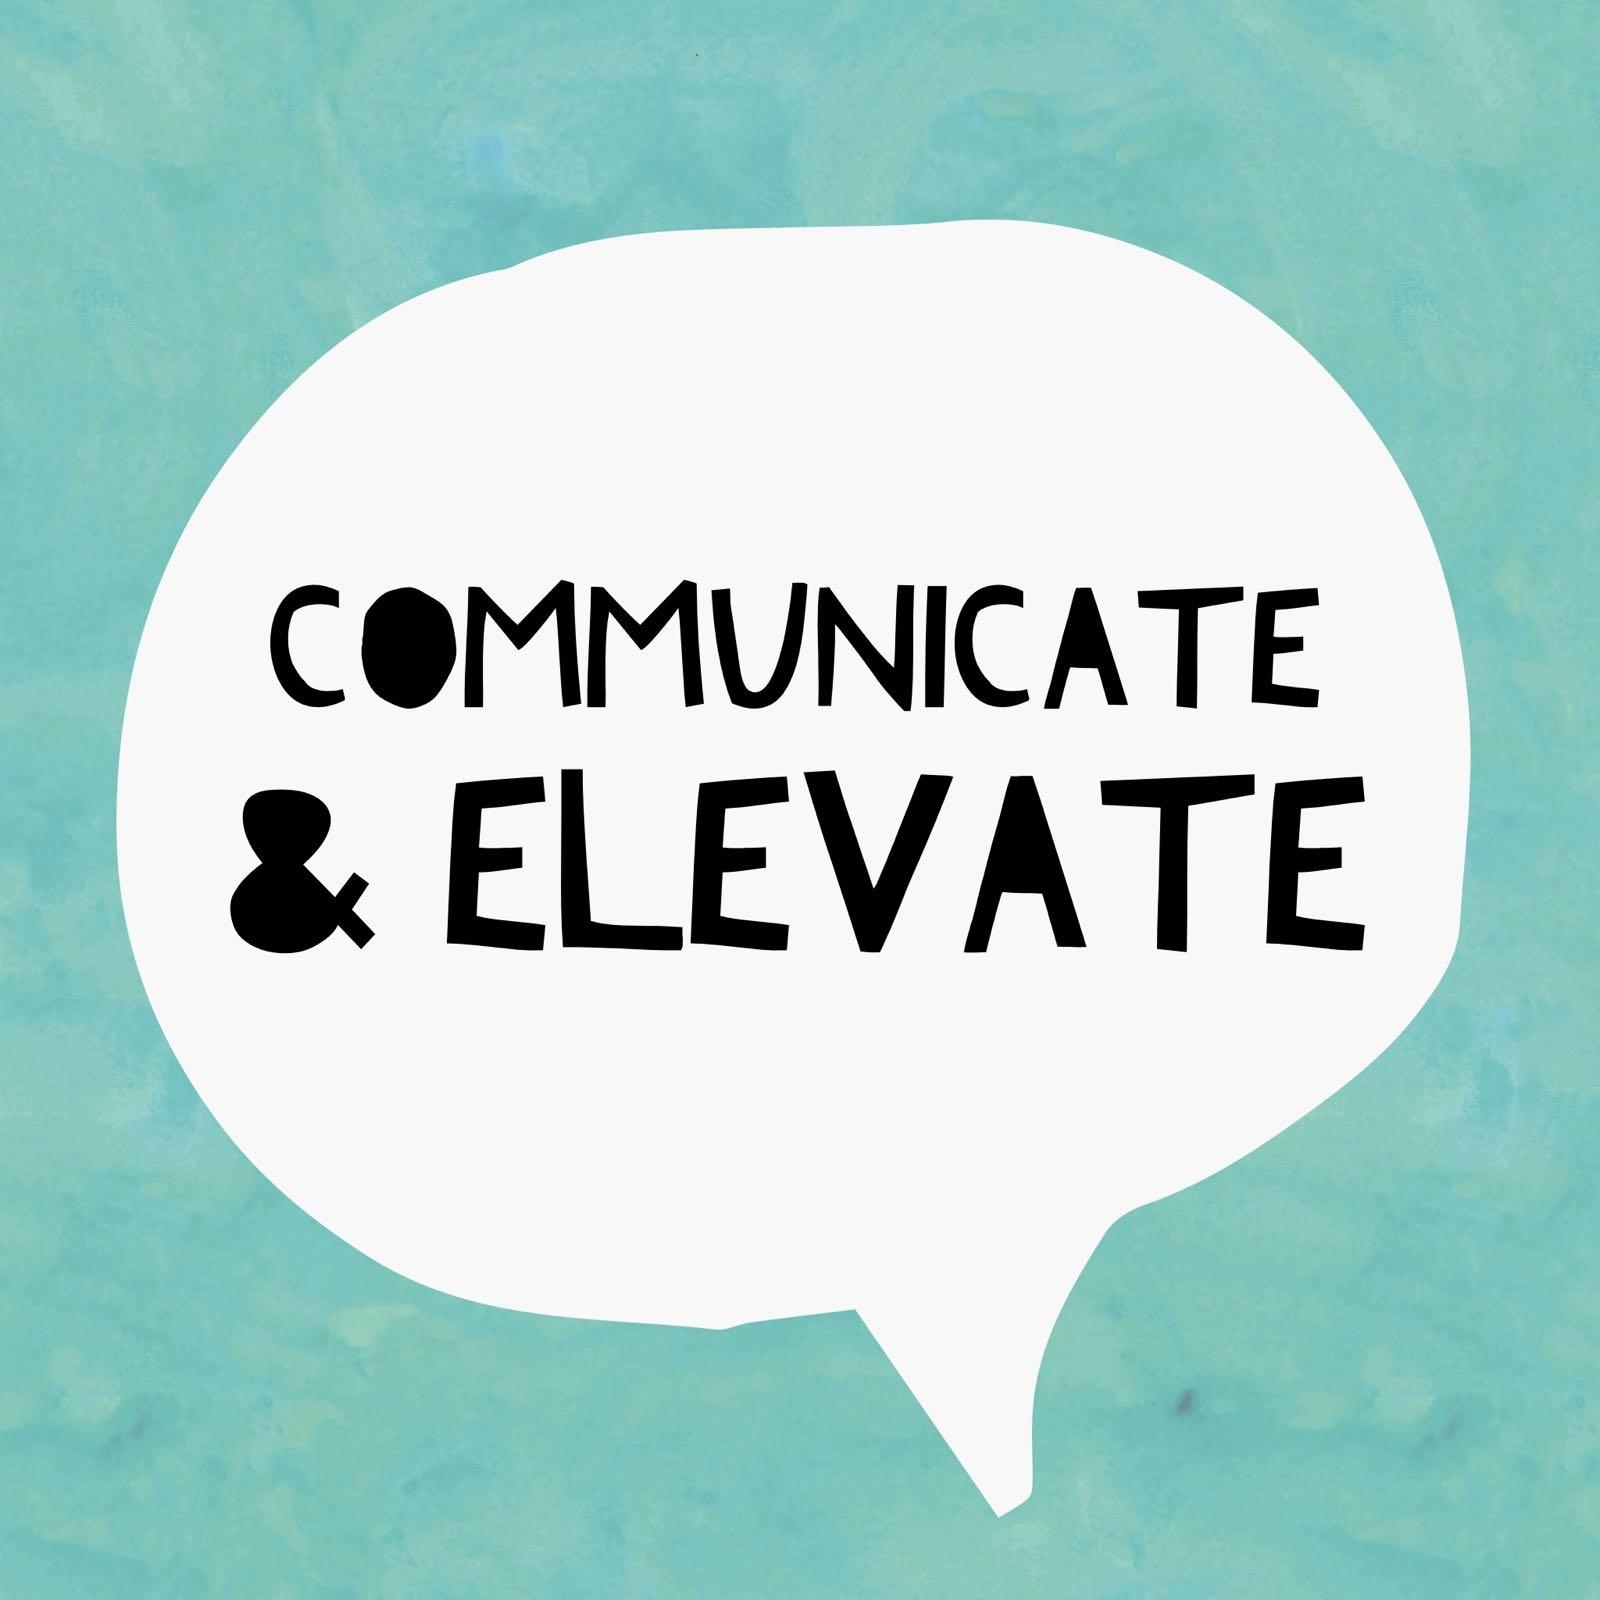 communicate.jpeg